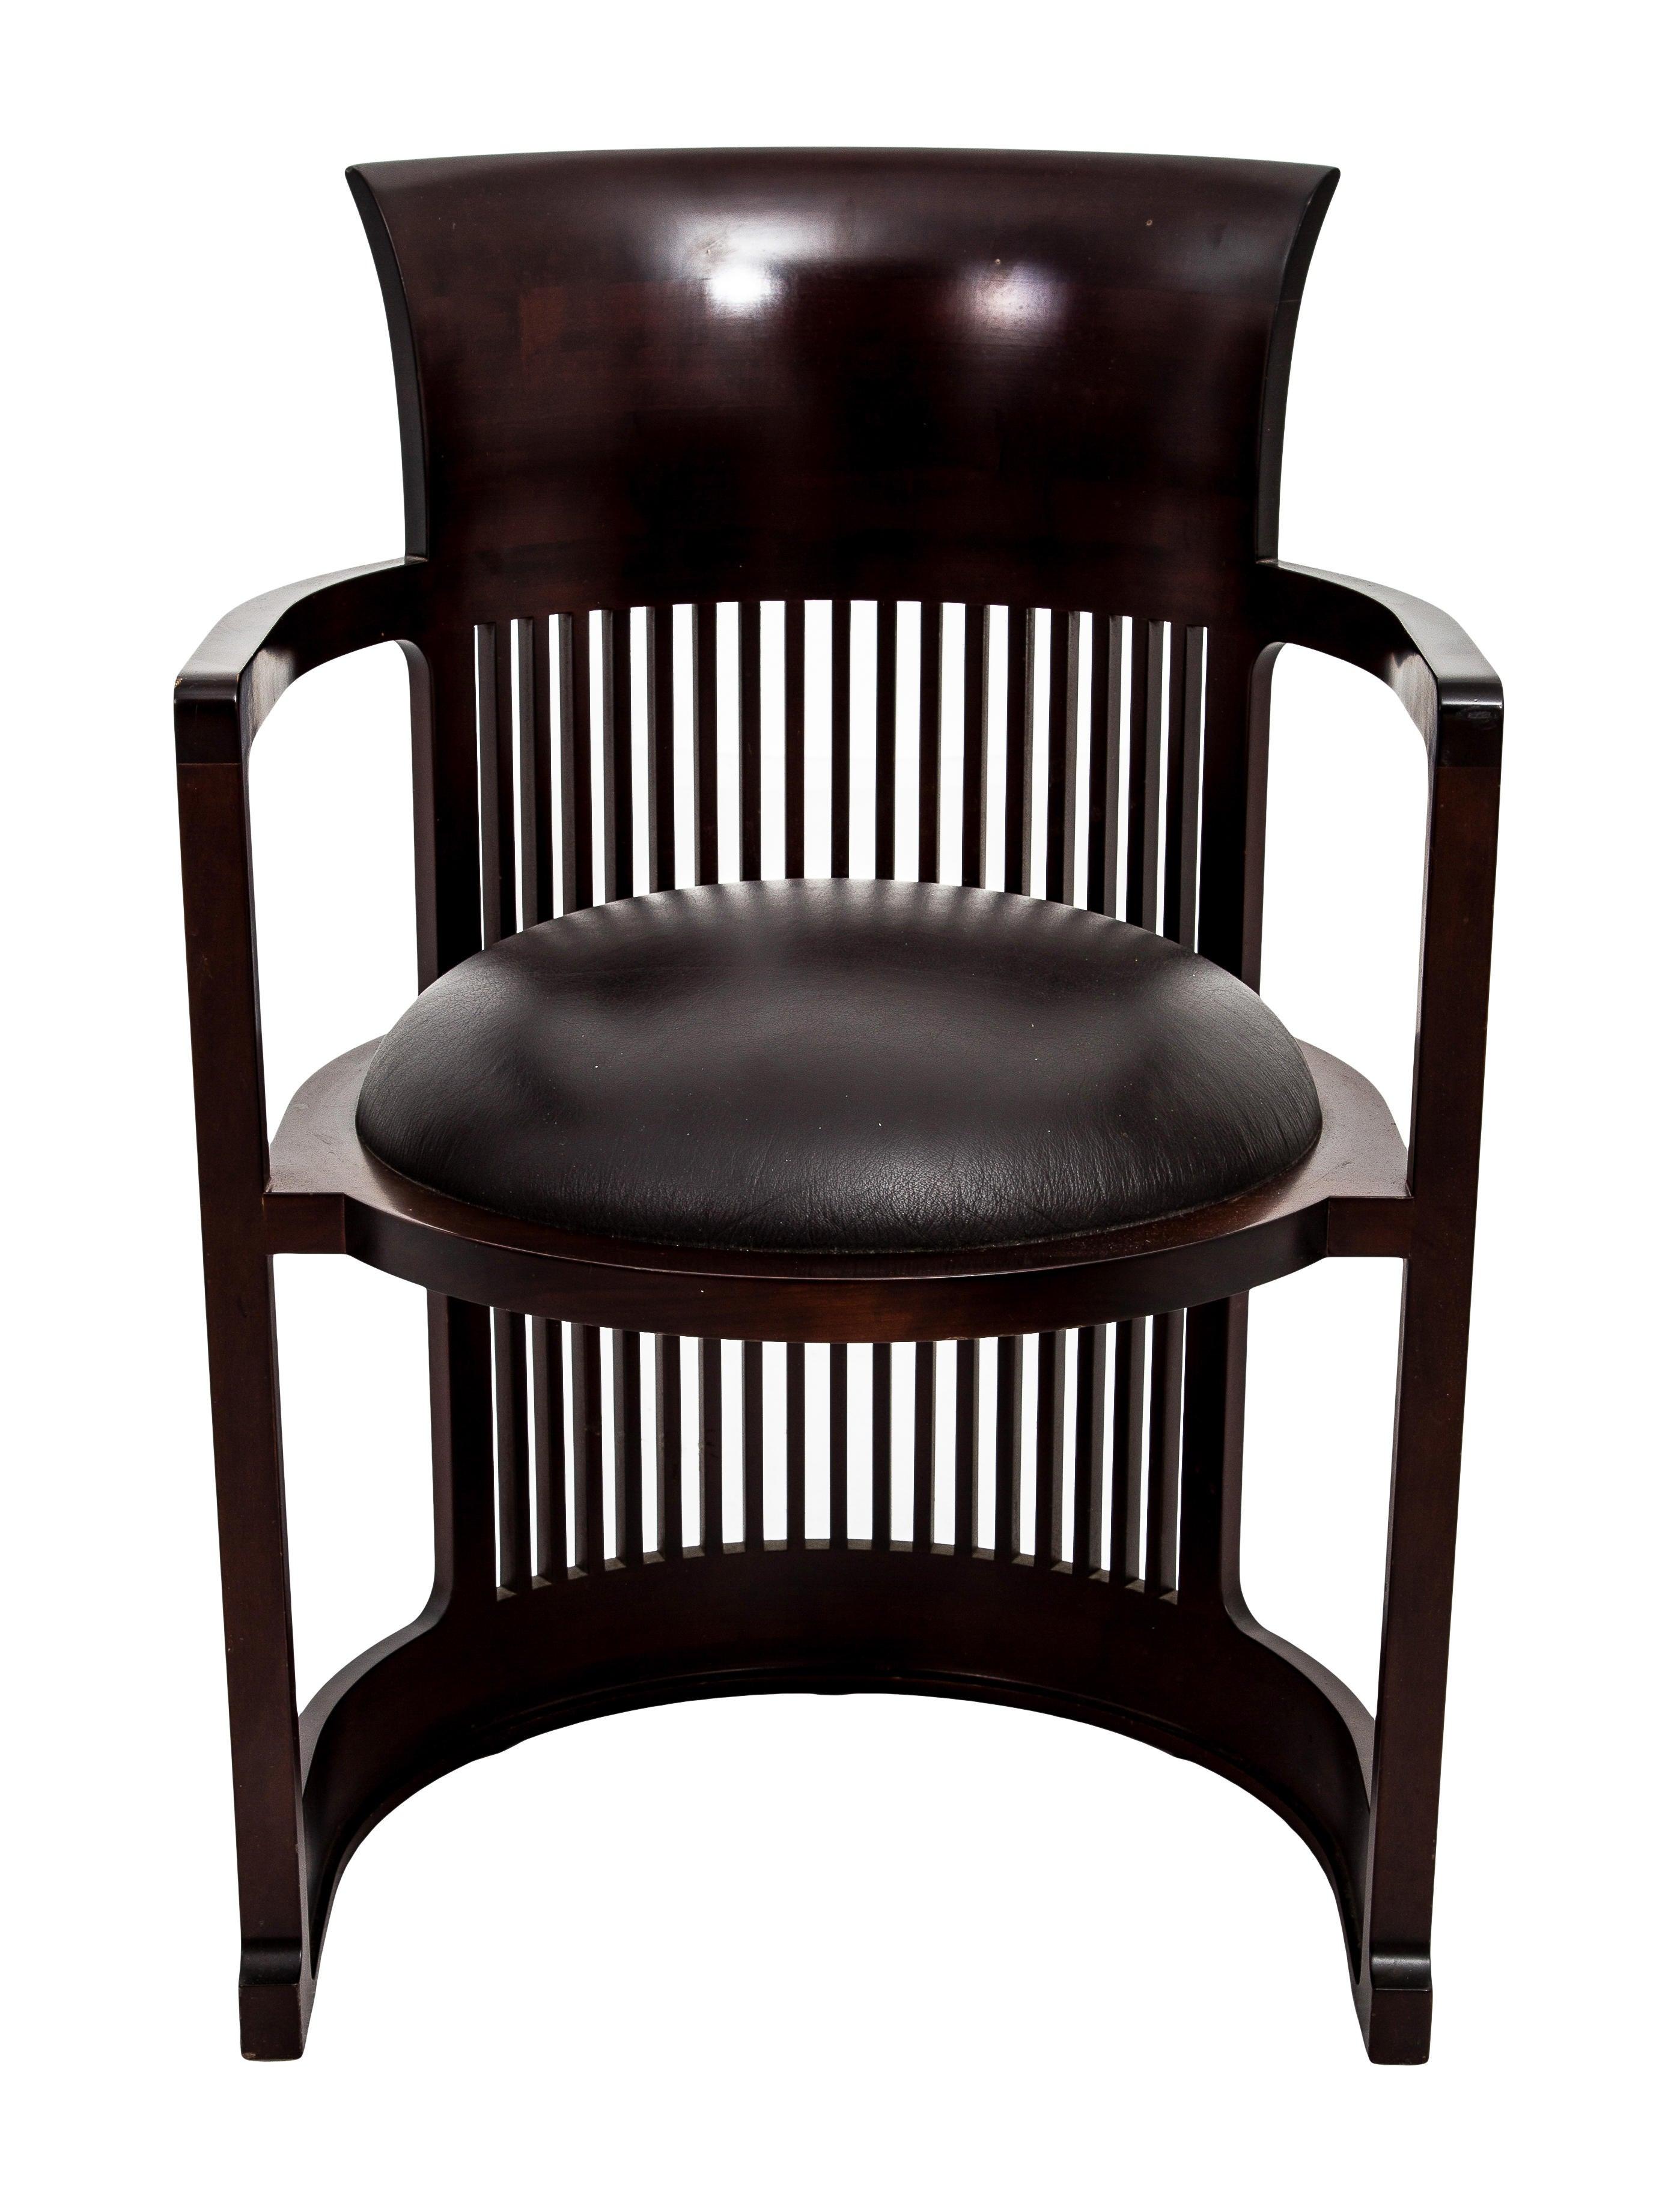 Cassina Frank Lloyd Wright Barrel Chair